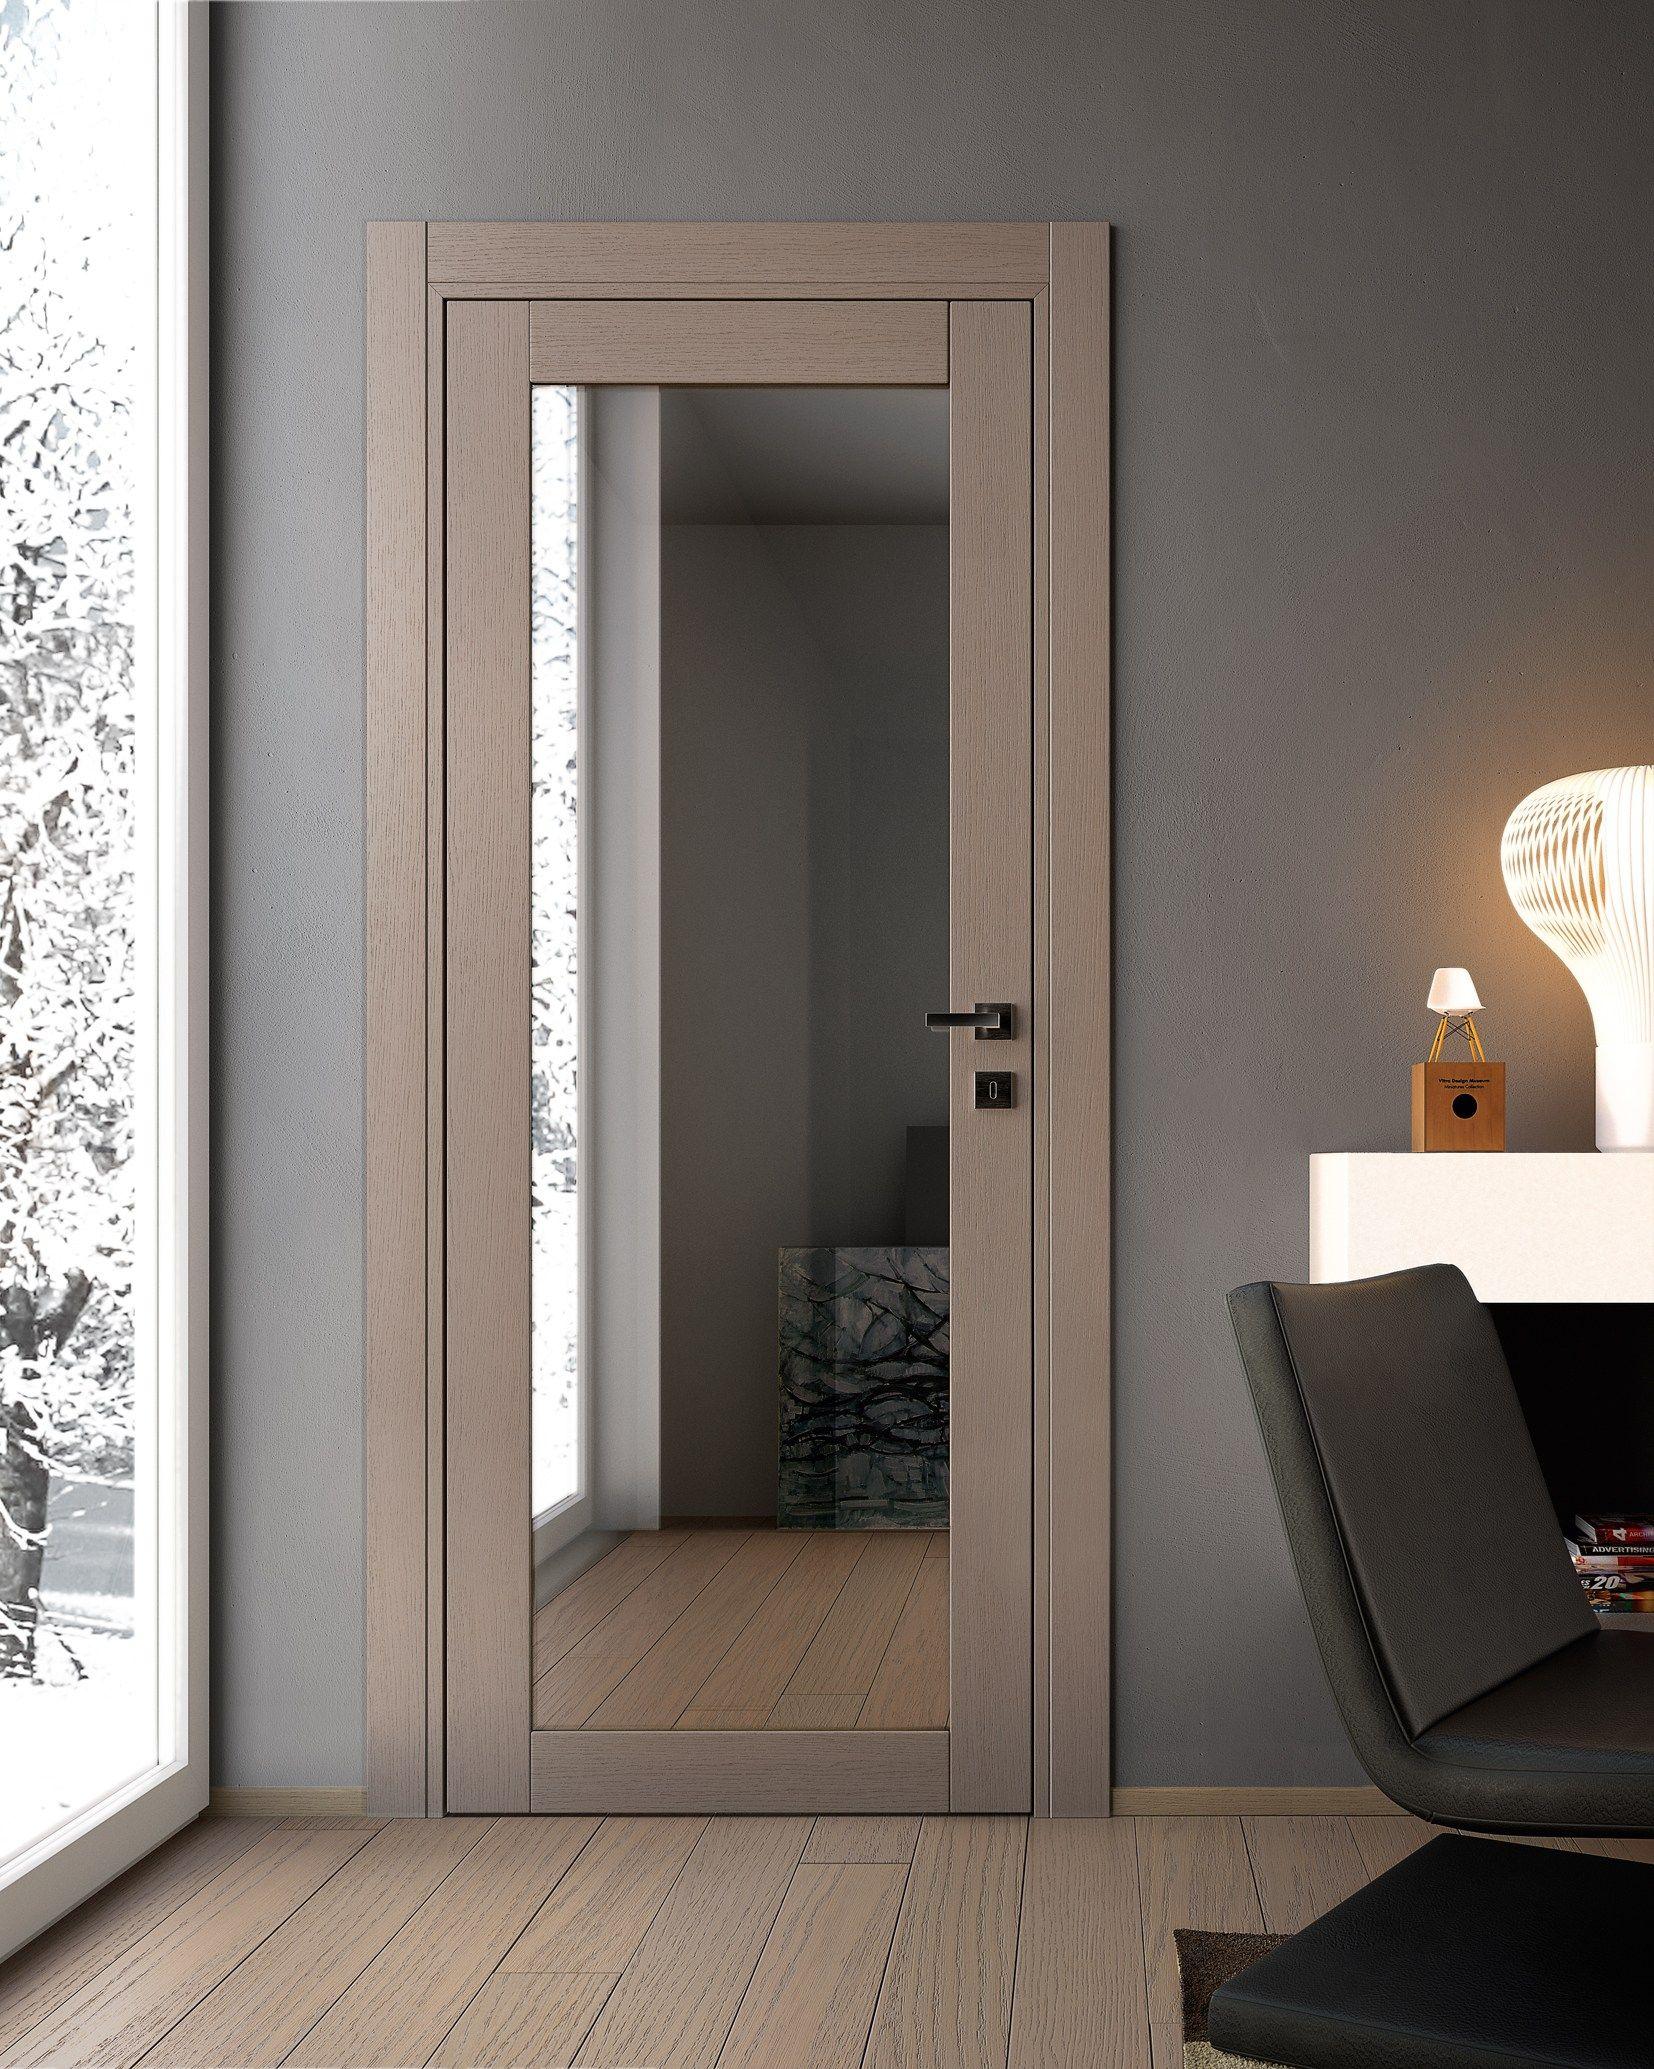 Gabilia puerta de vidrio by garofoli home puertas for Puertas de madera con vidrio para interior